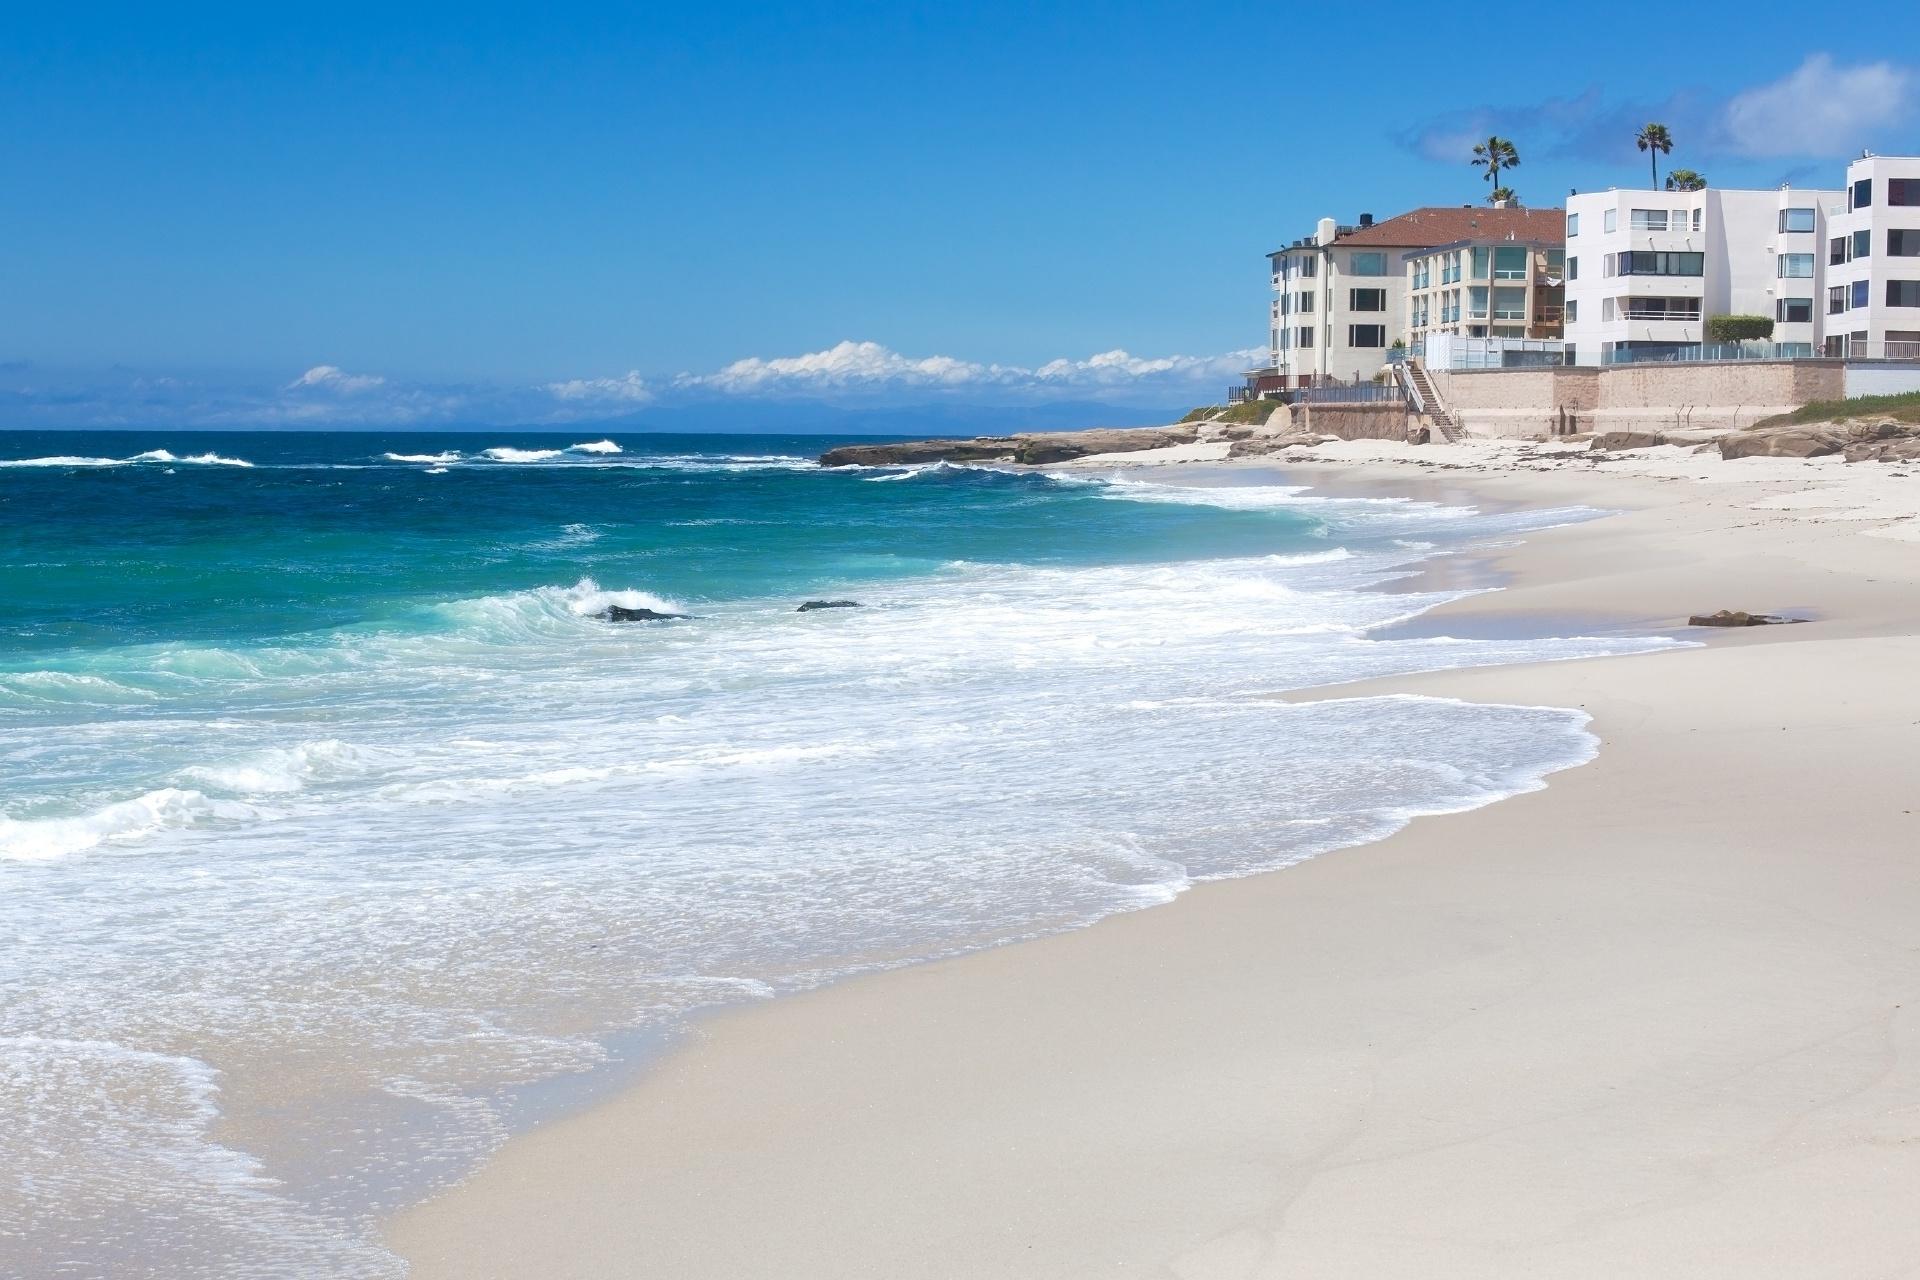 サンディエゴのビーチ アメリカの風景